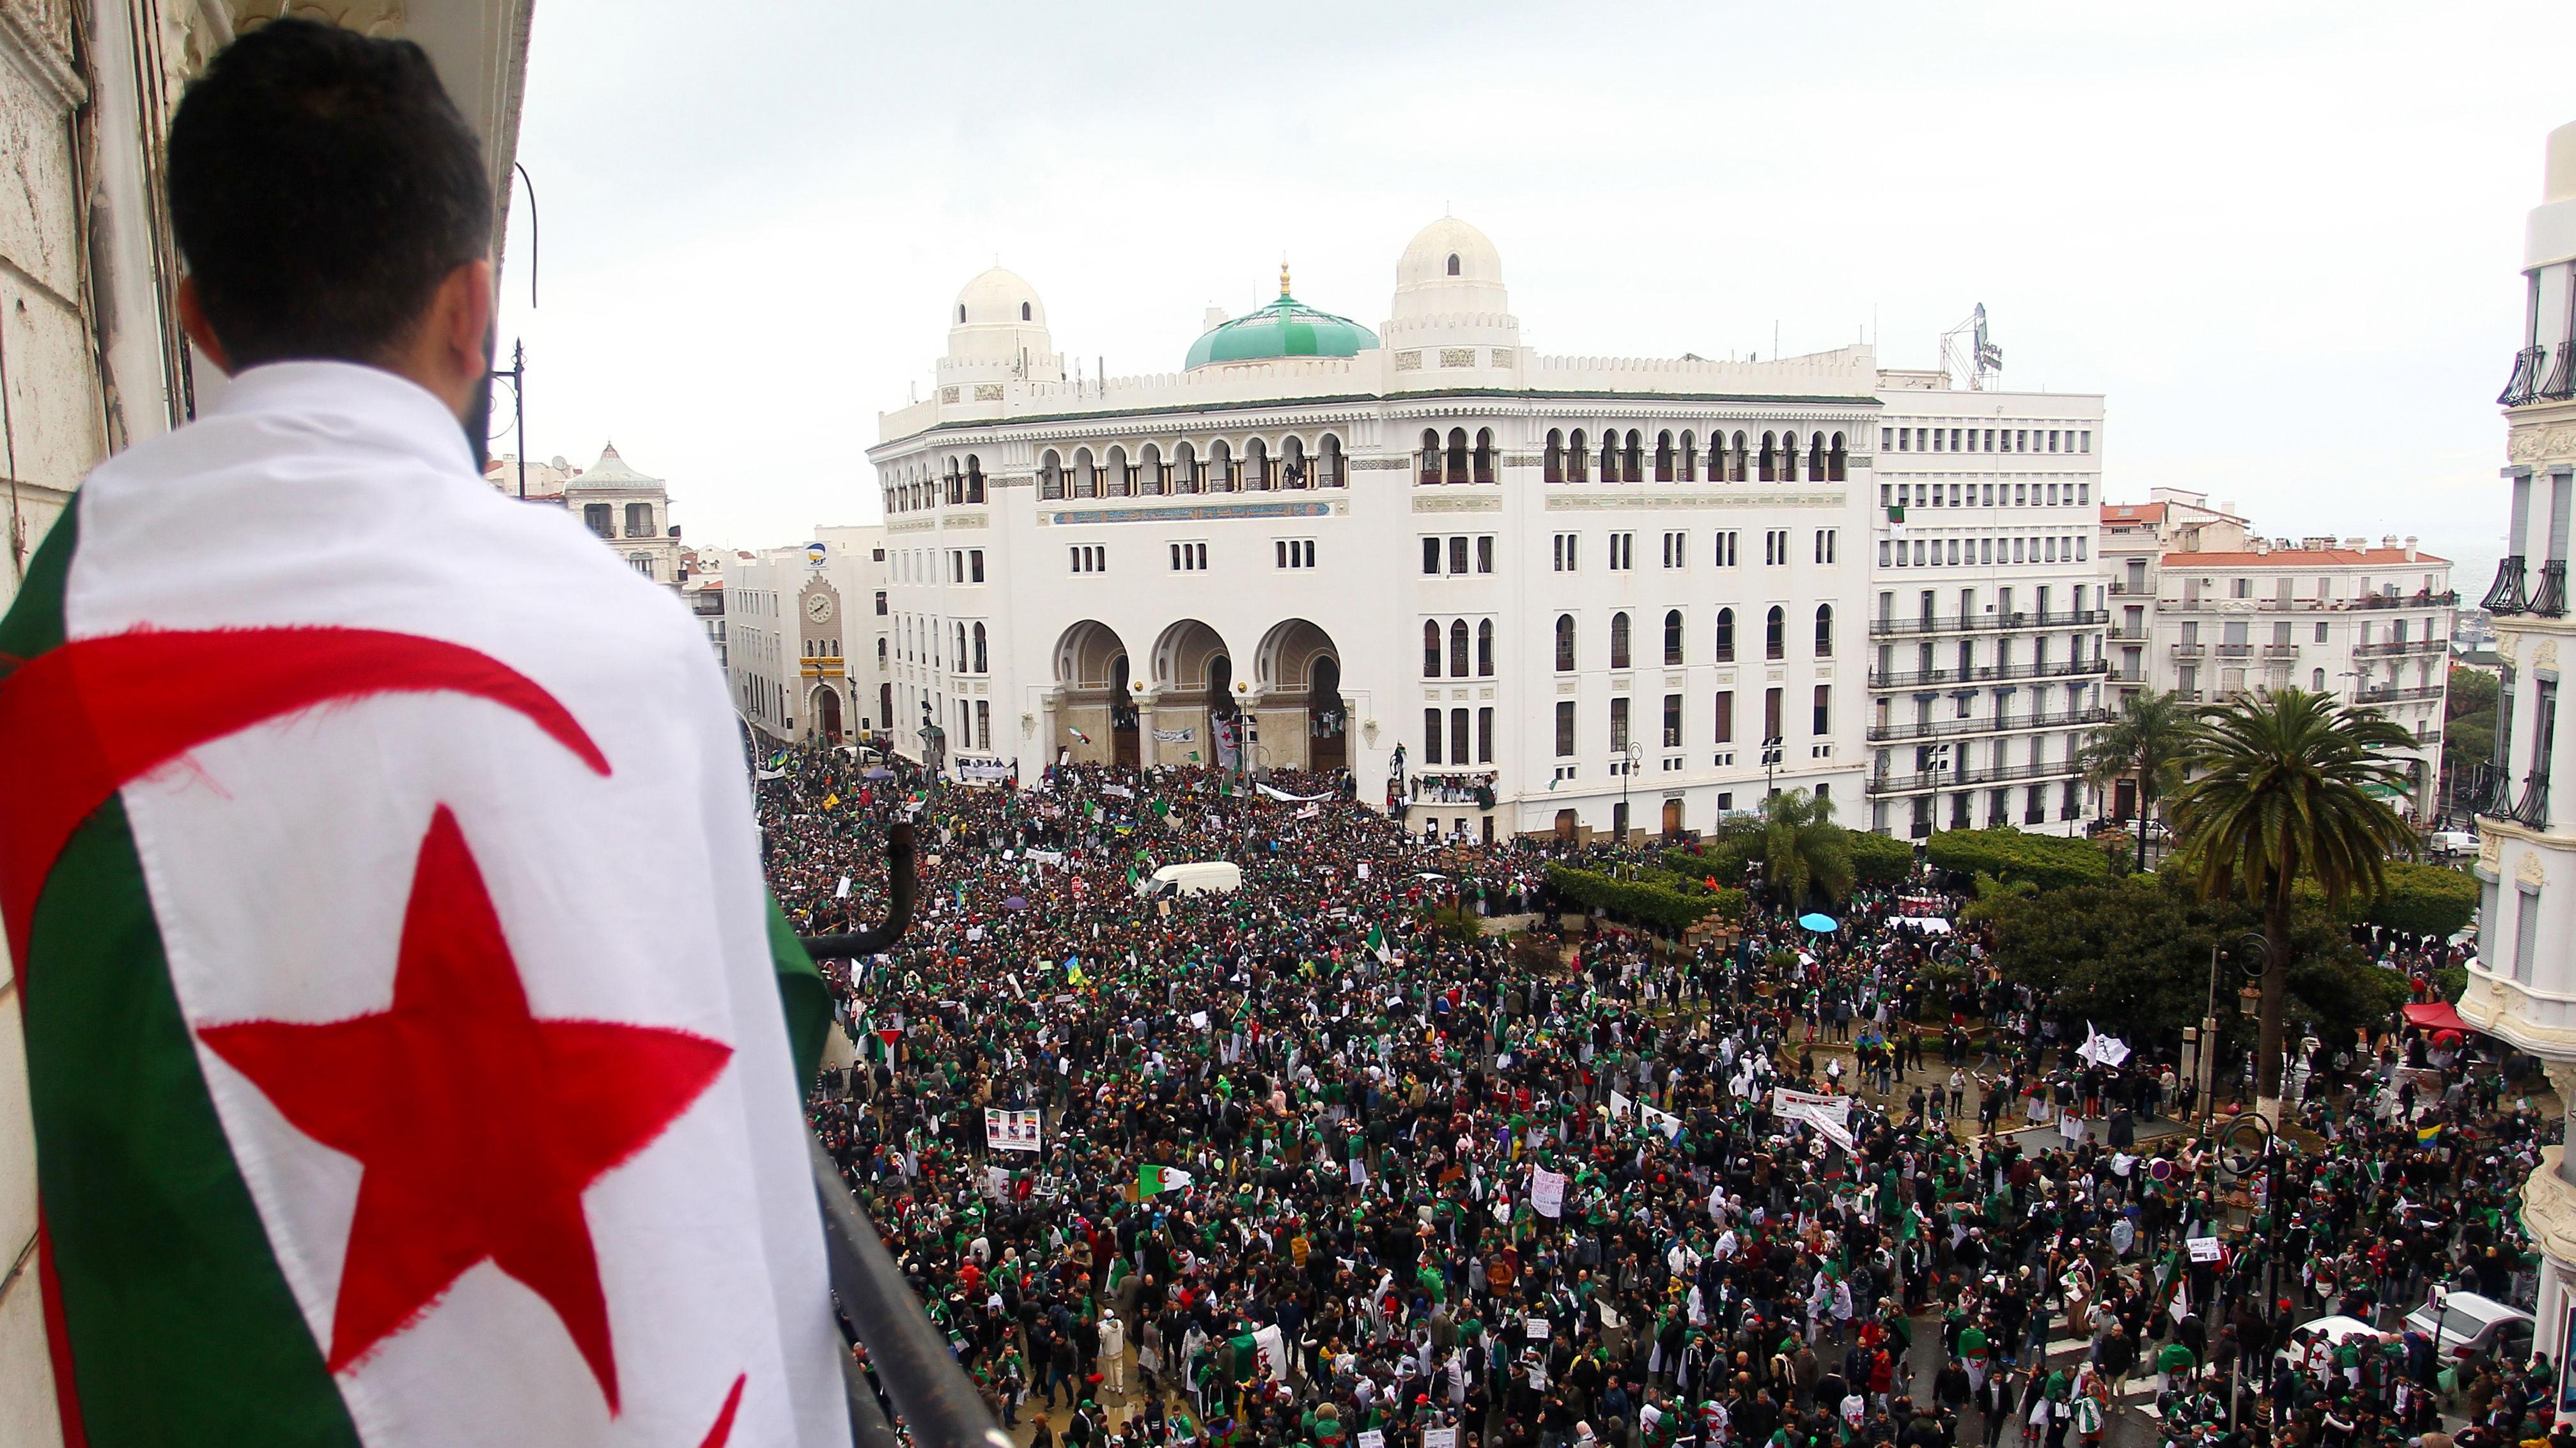 Tausende demonstrieren gegen Abdelaziz Bouteflika